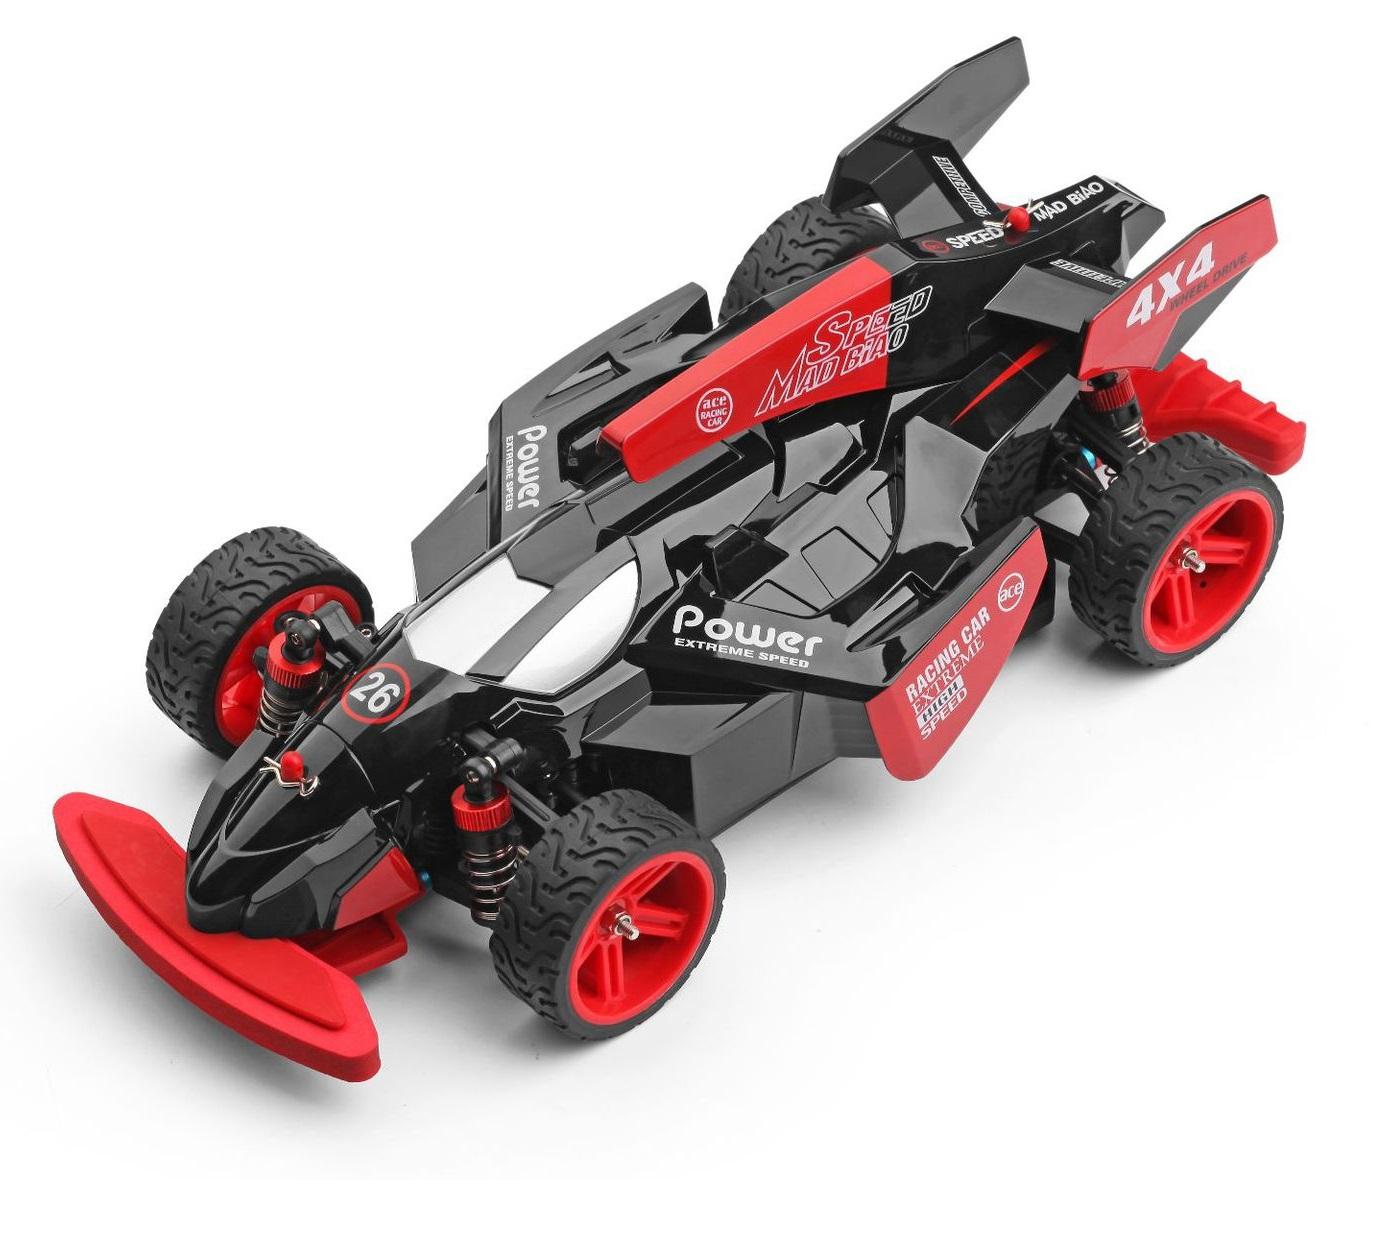 WLtoys 184012 rc car Wltoys 184012 High speed 1/18